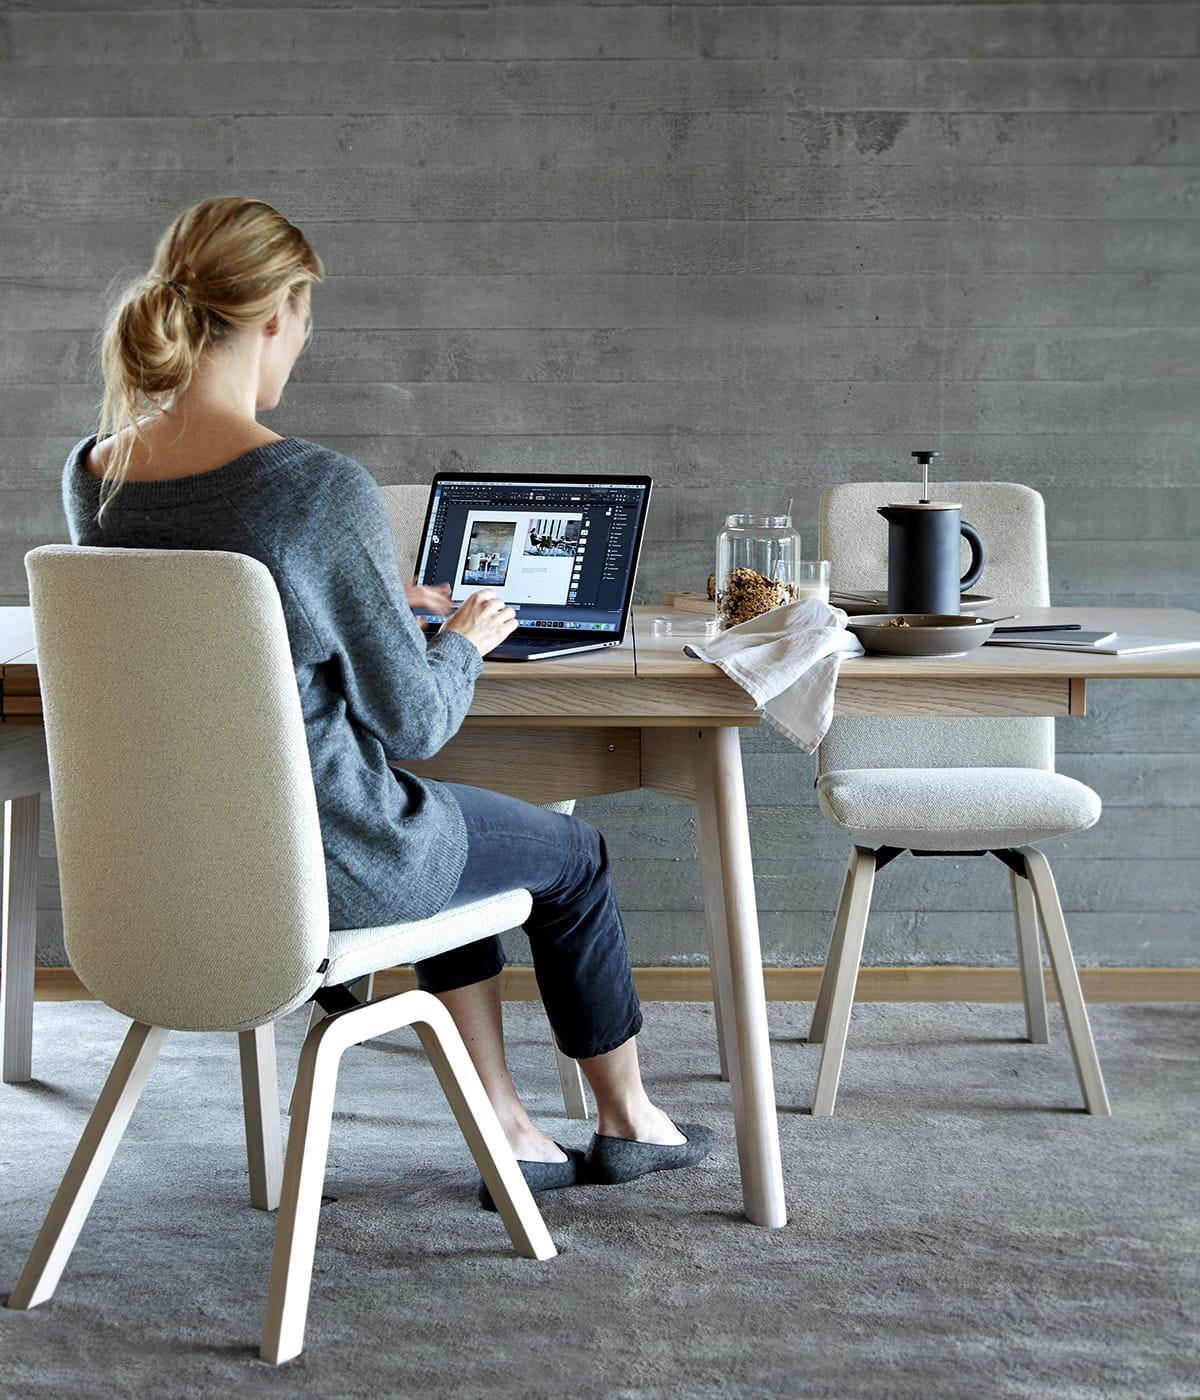 Ob ohne Handy oder mit – auf den Stressless Dining Stühlen Rosemary sitzt man immer entspannt und bequem.